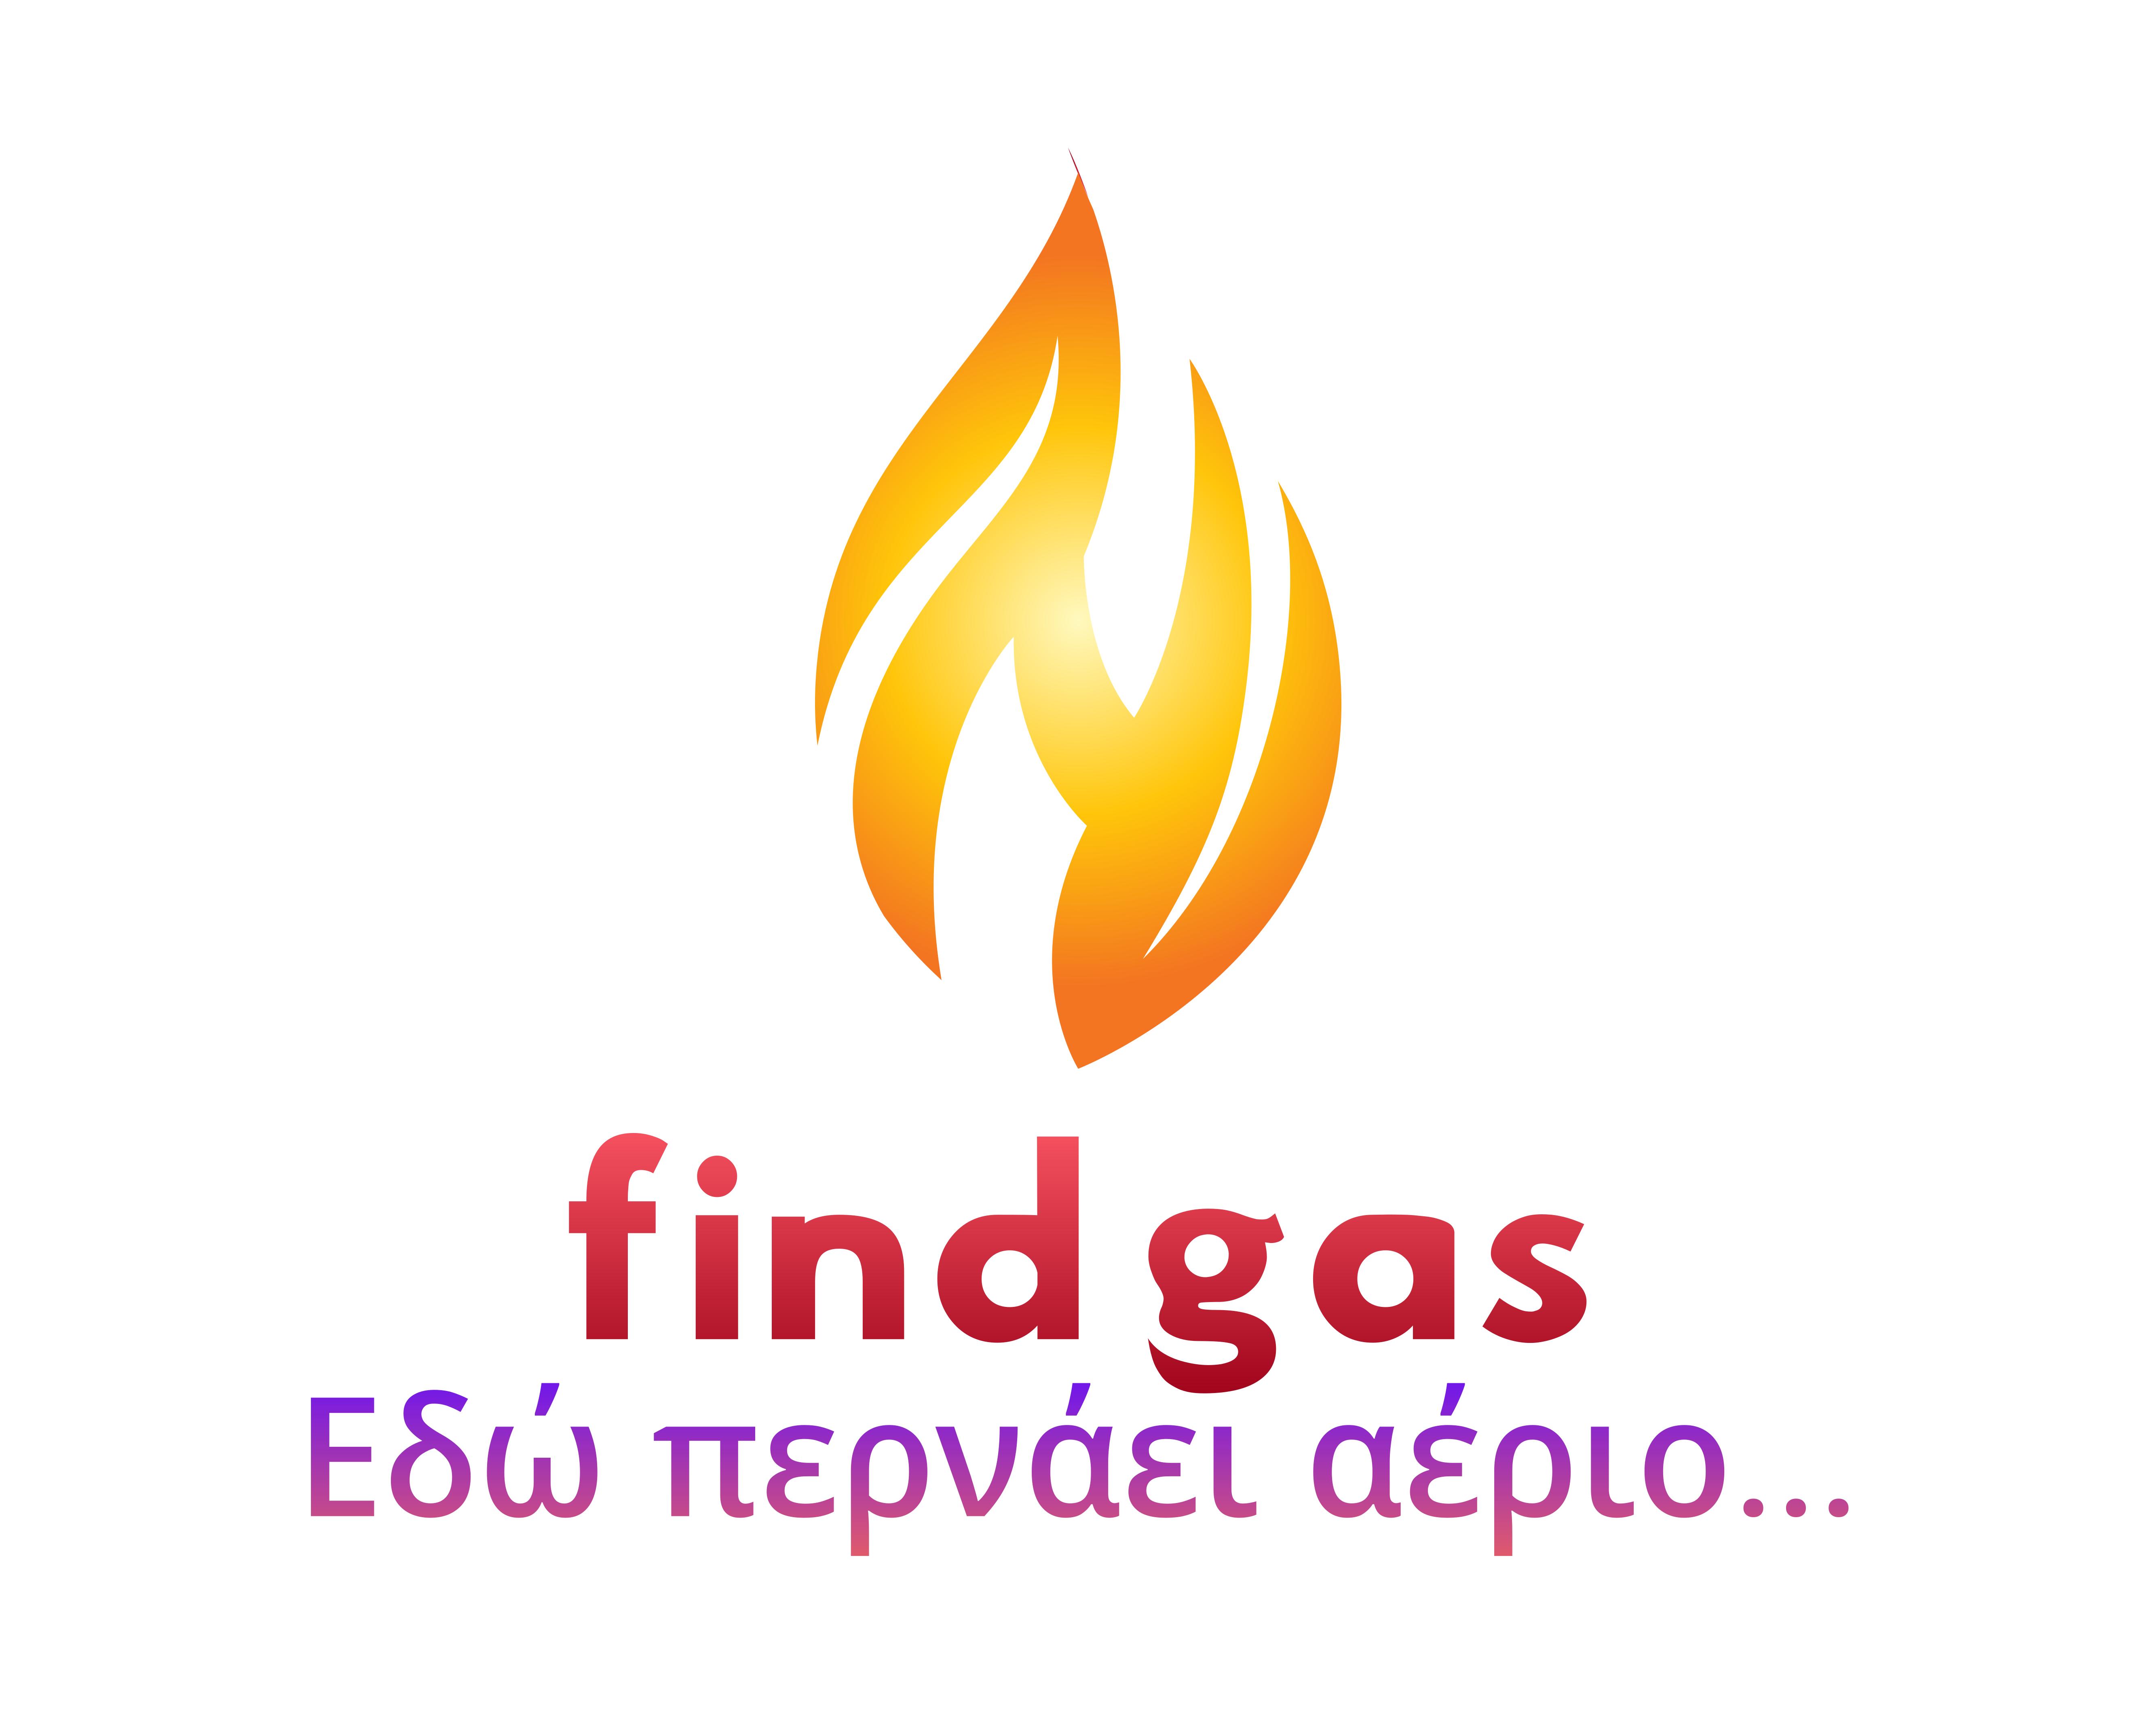 Find Gas